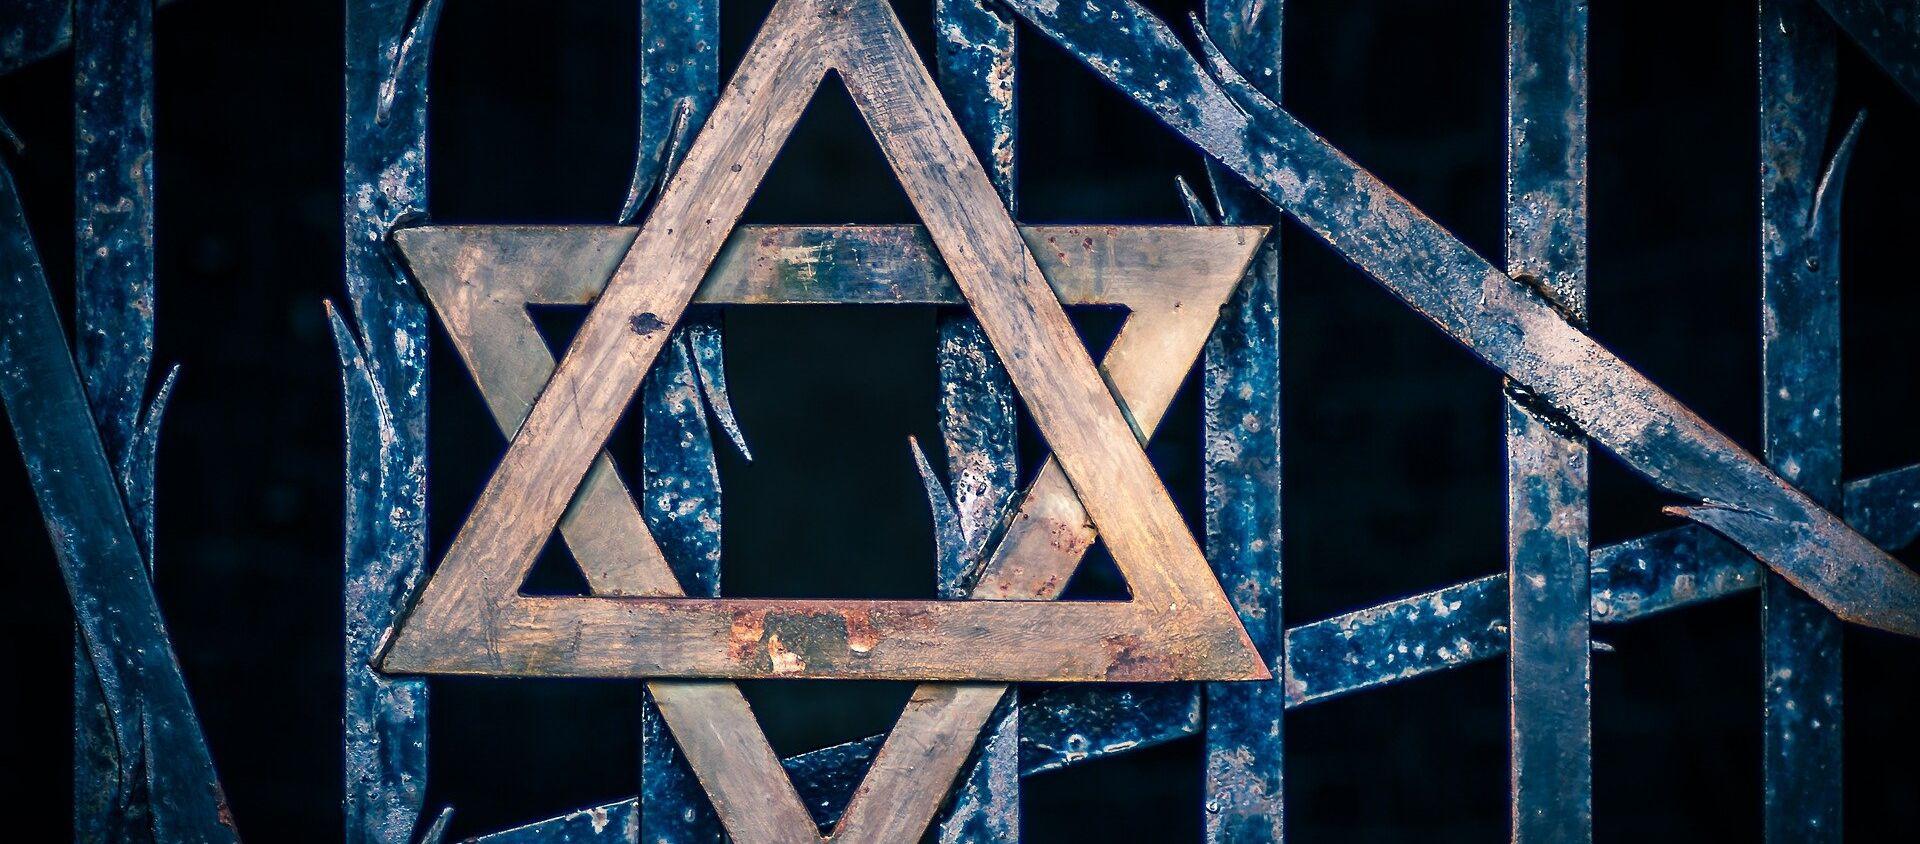 Estrella de David, el símbolo de la religión judía - Sputnik Mundo, 1920, 25.10.2020